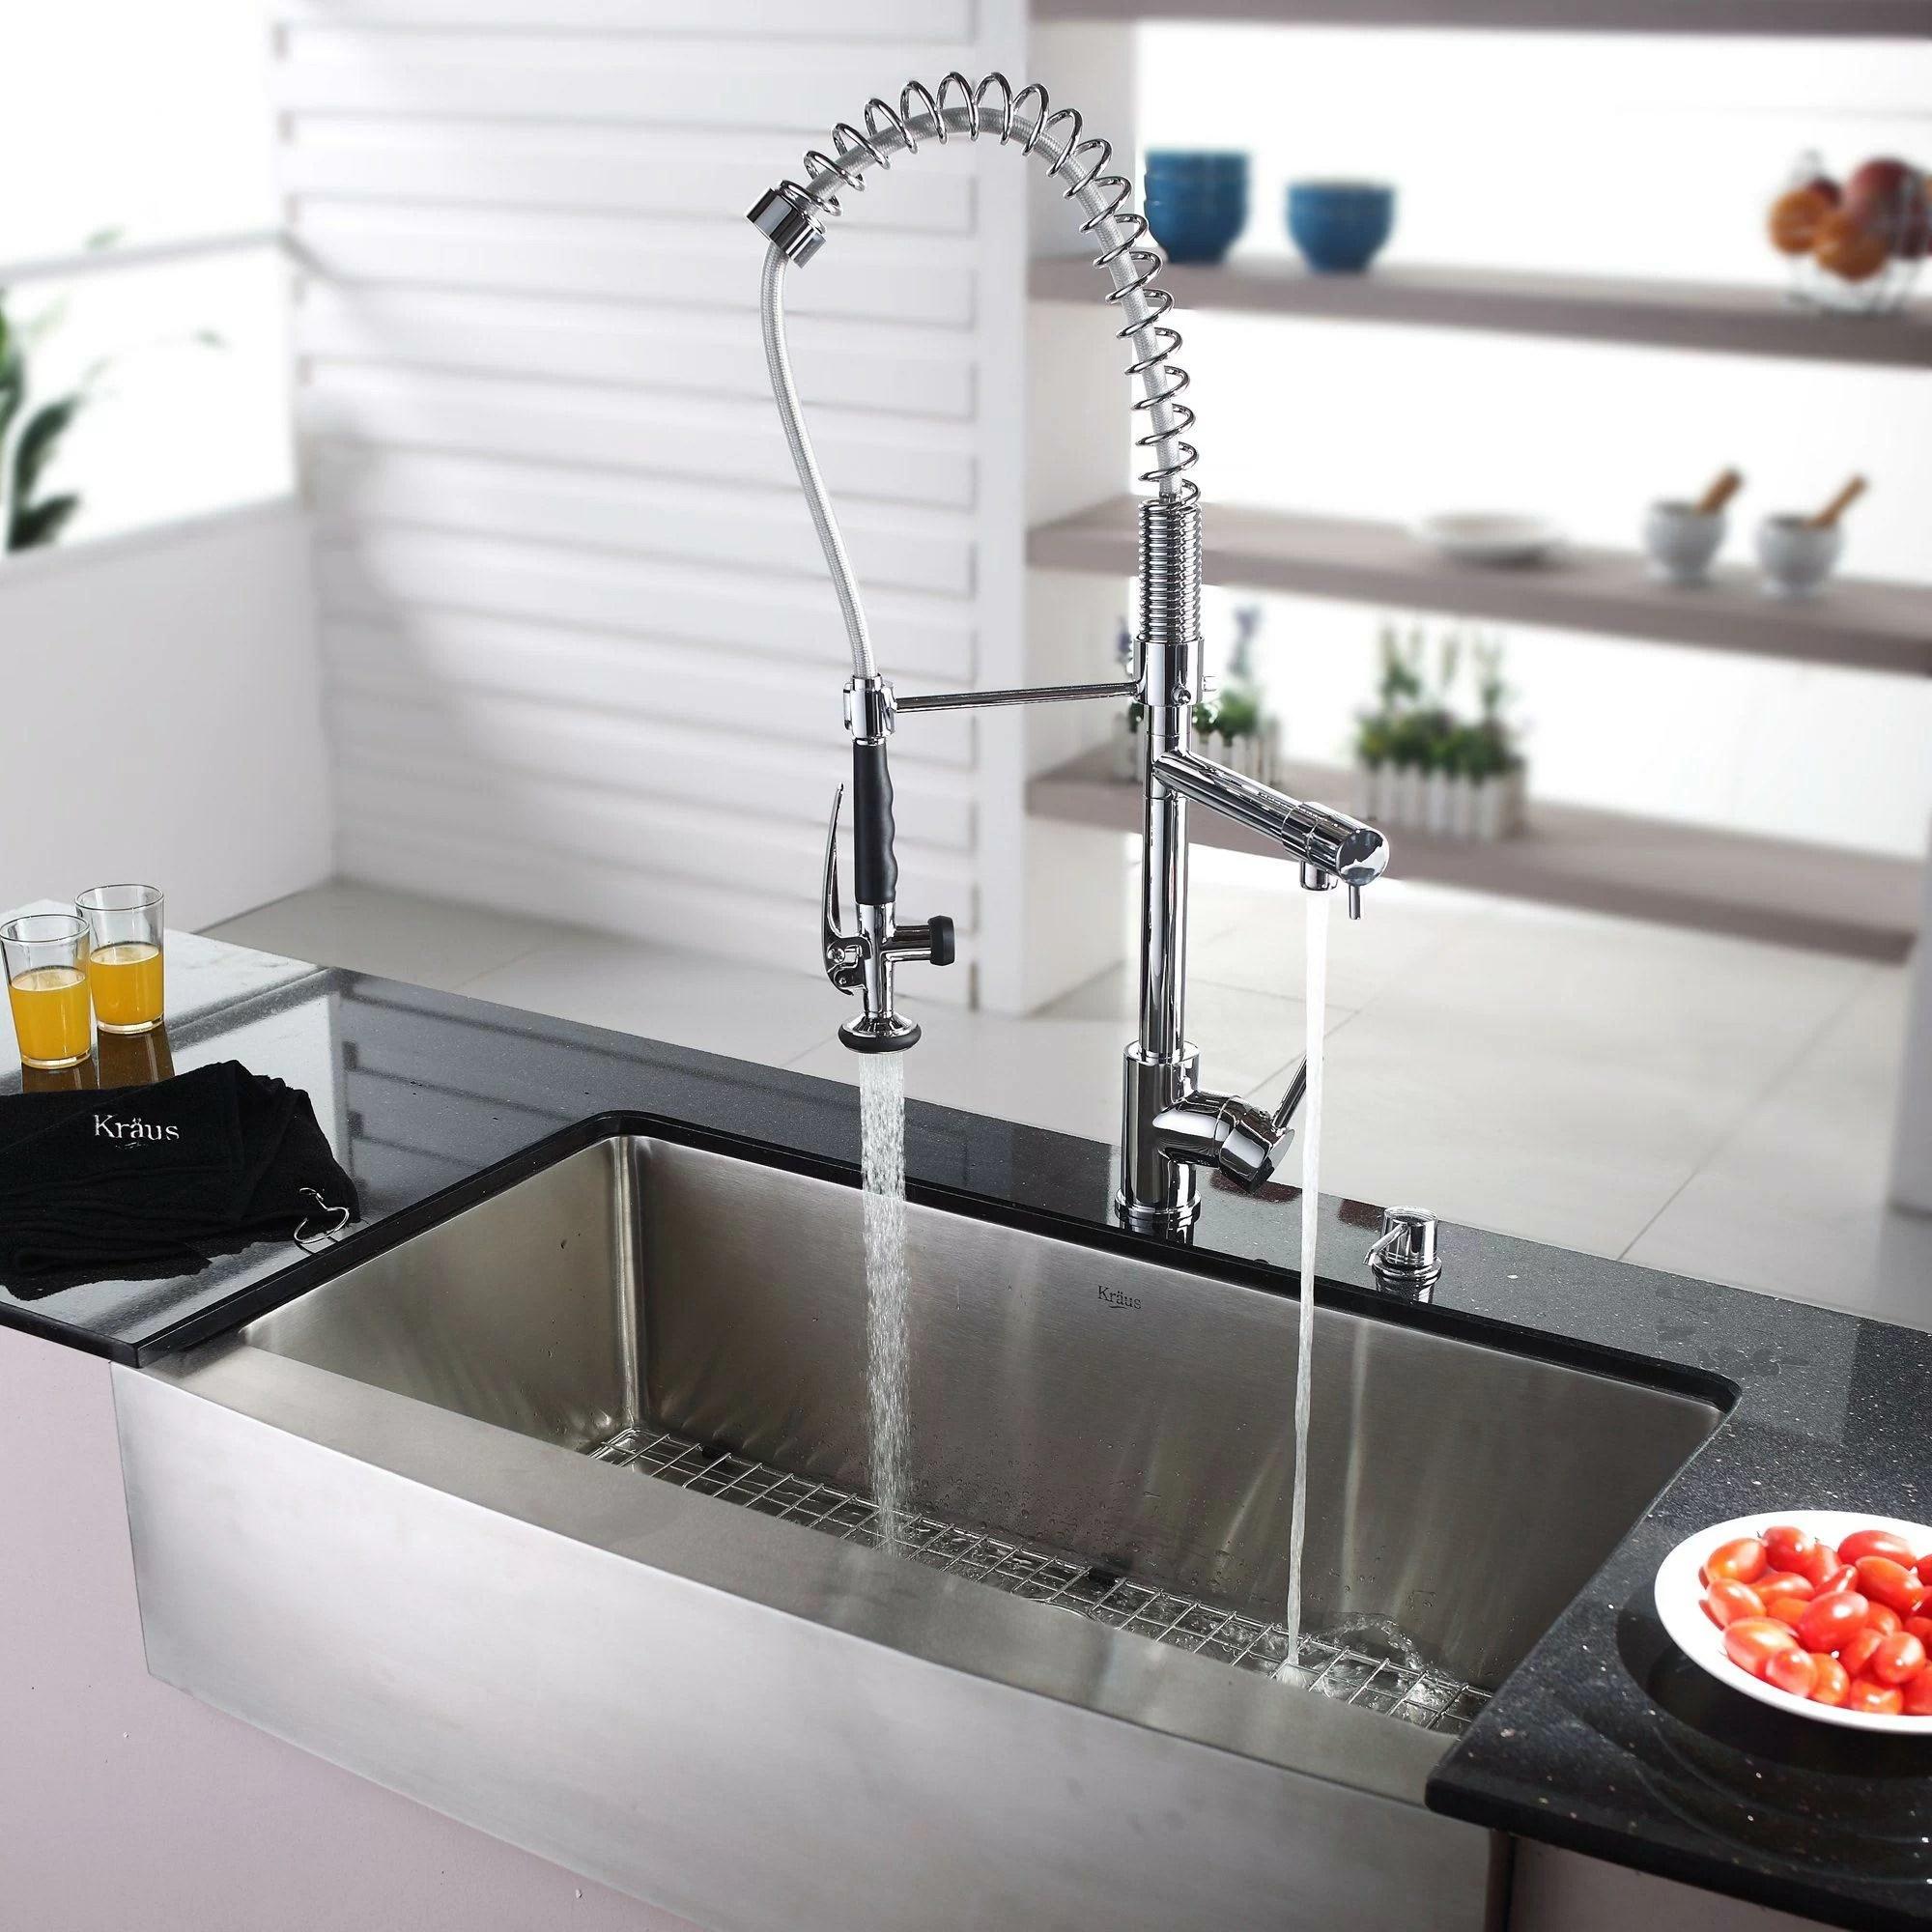 Kraus Farmhouse 3588quot X 2075quot Kitchen Sink With Faucet